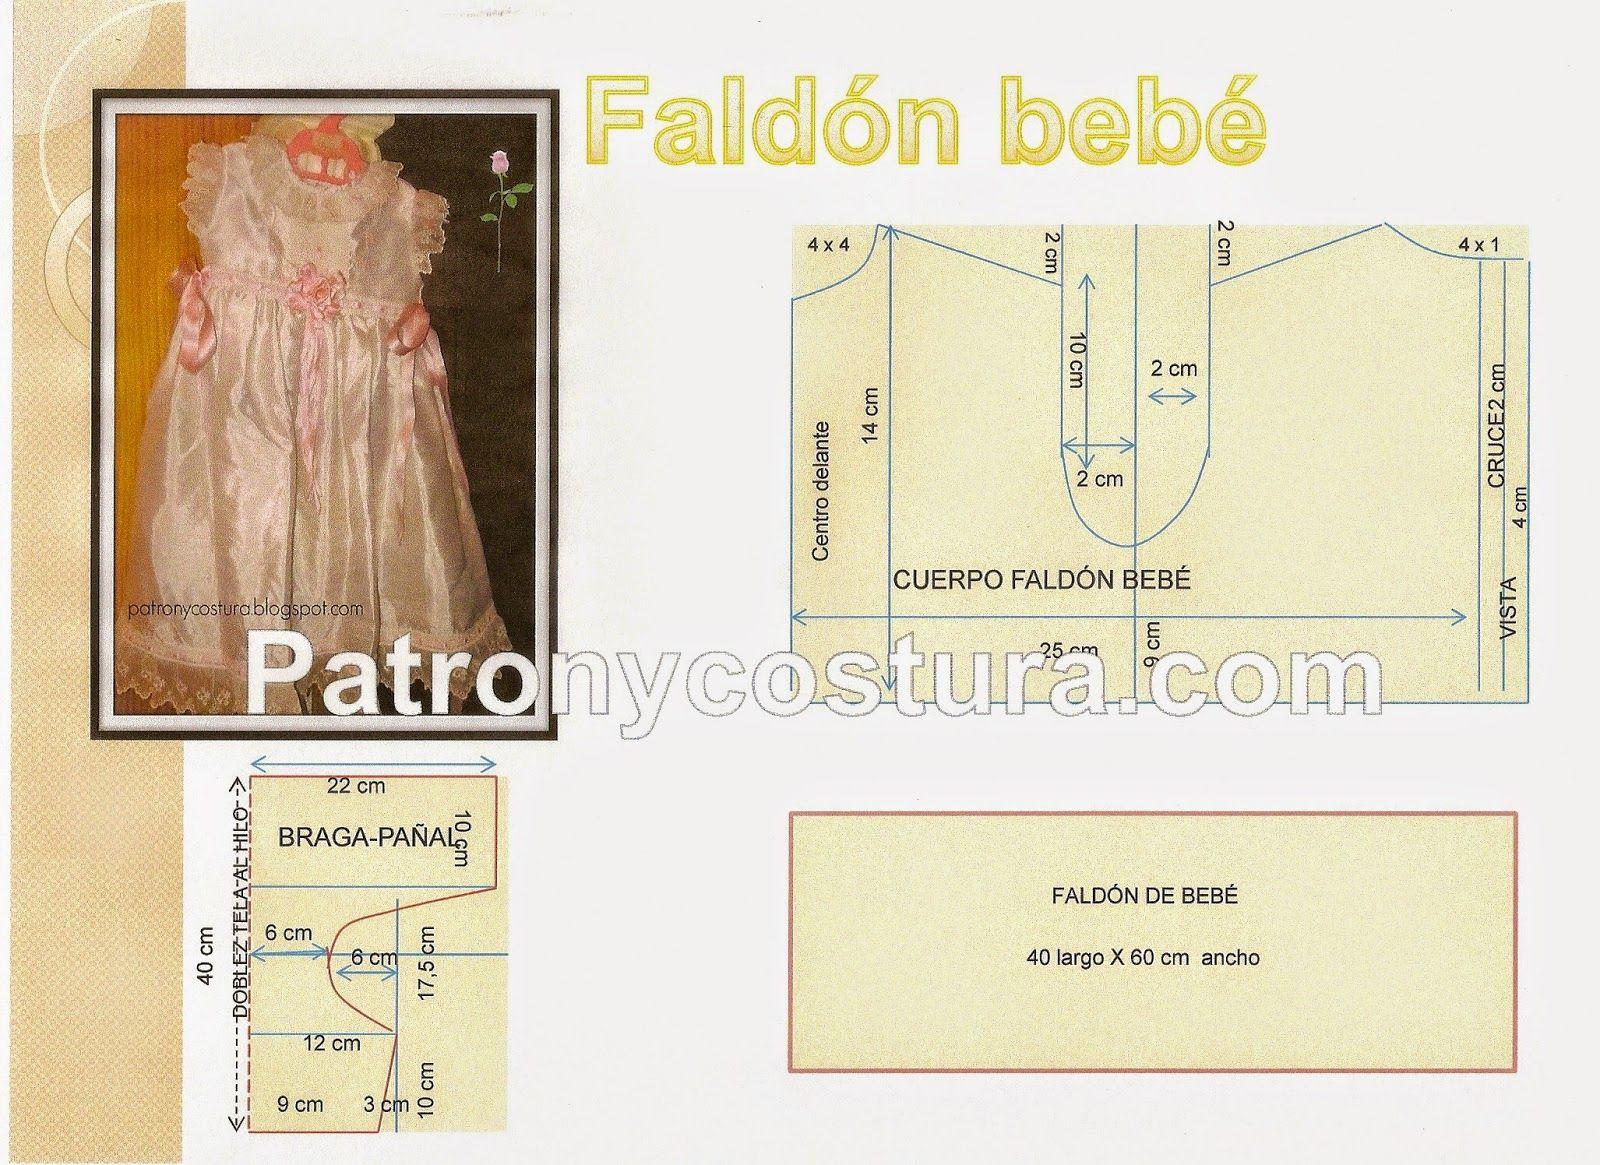 Patrón y costura : medidas del recién nacido y cómo cortar el faldón ...